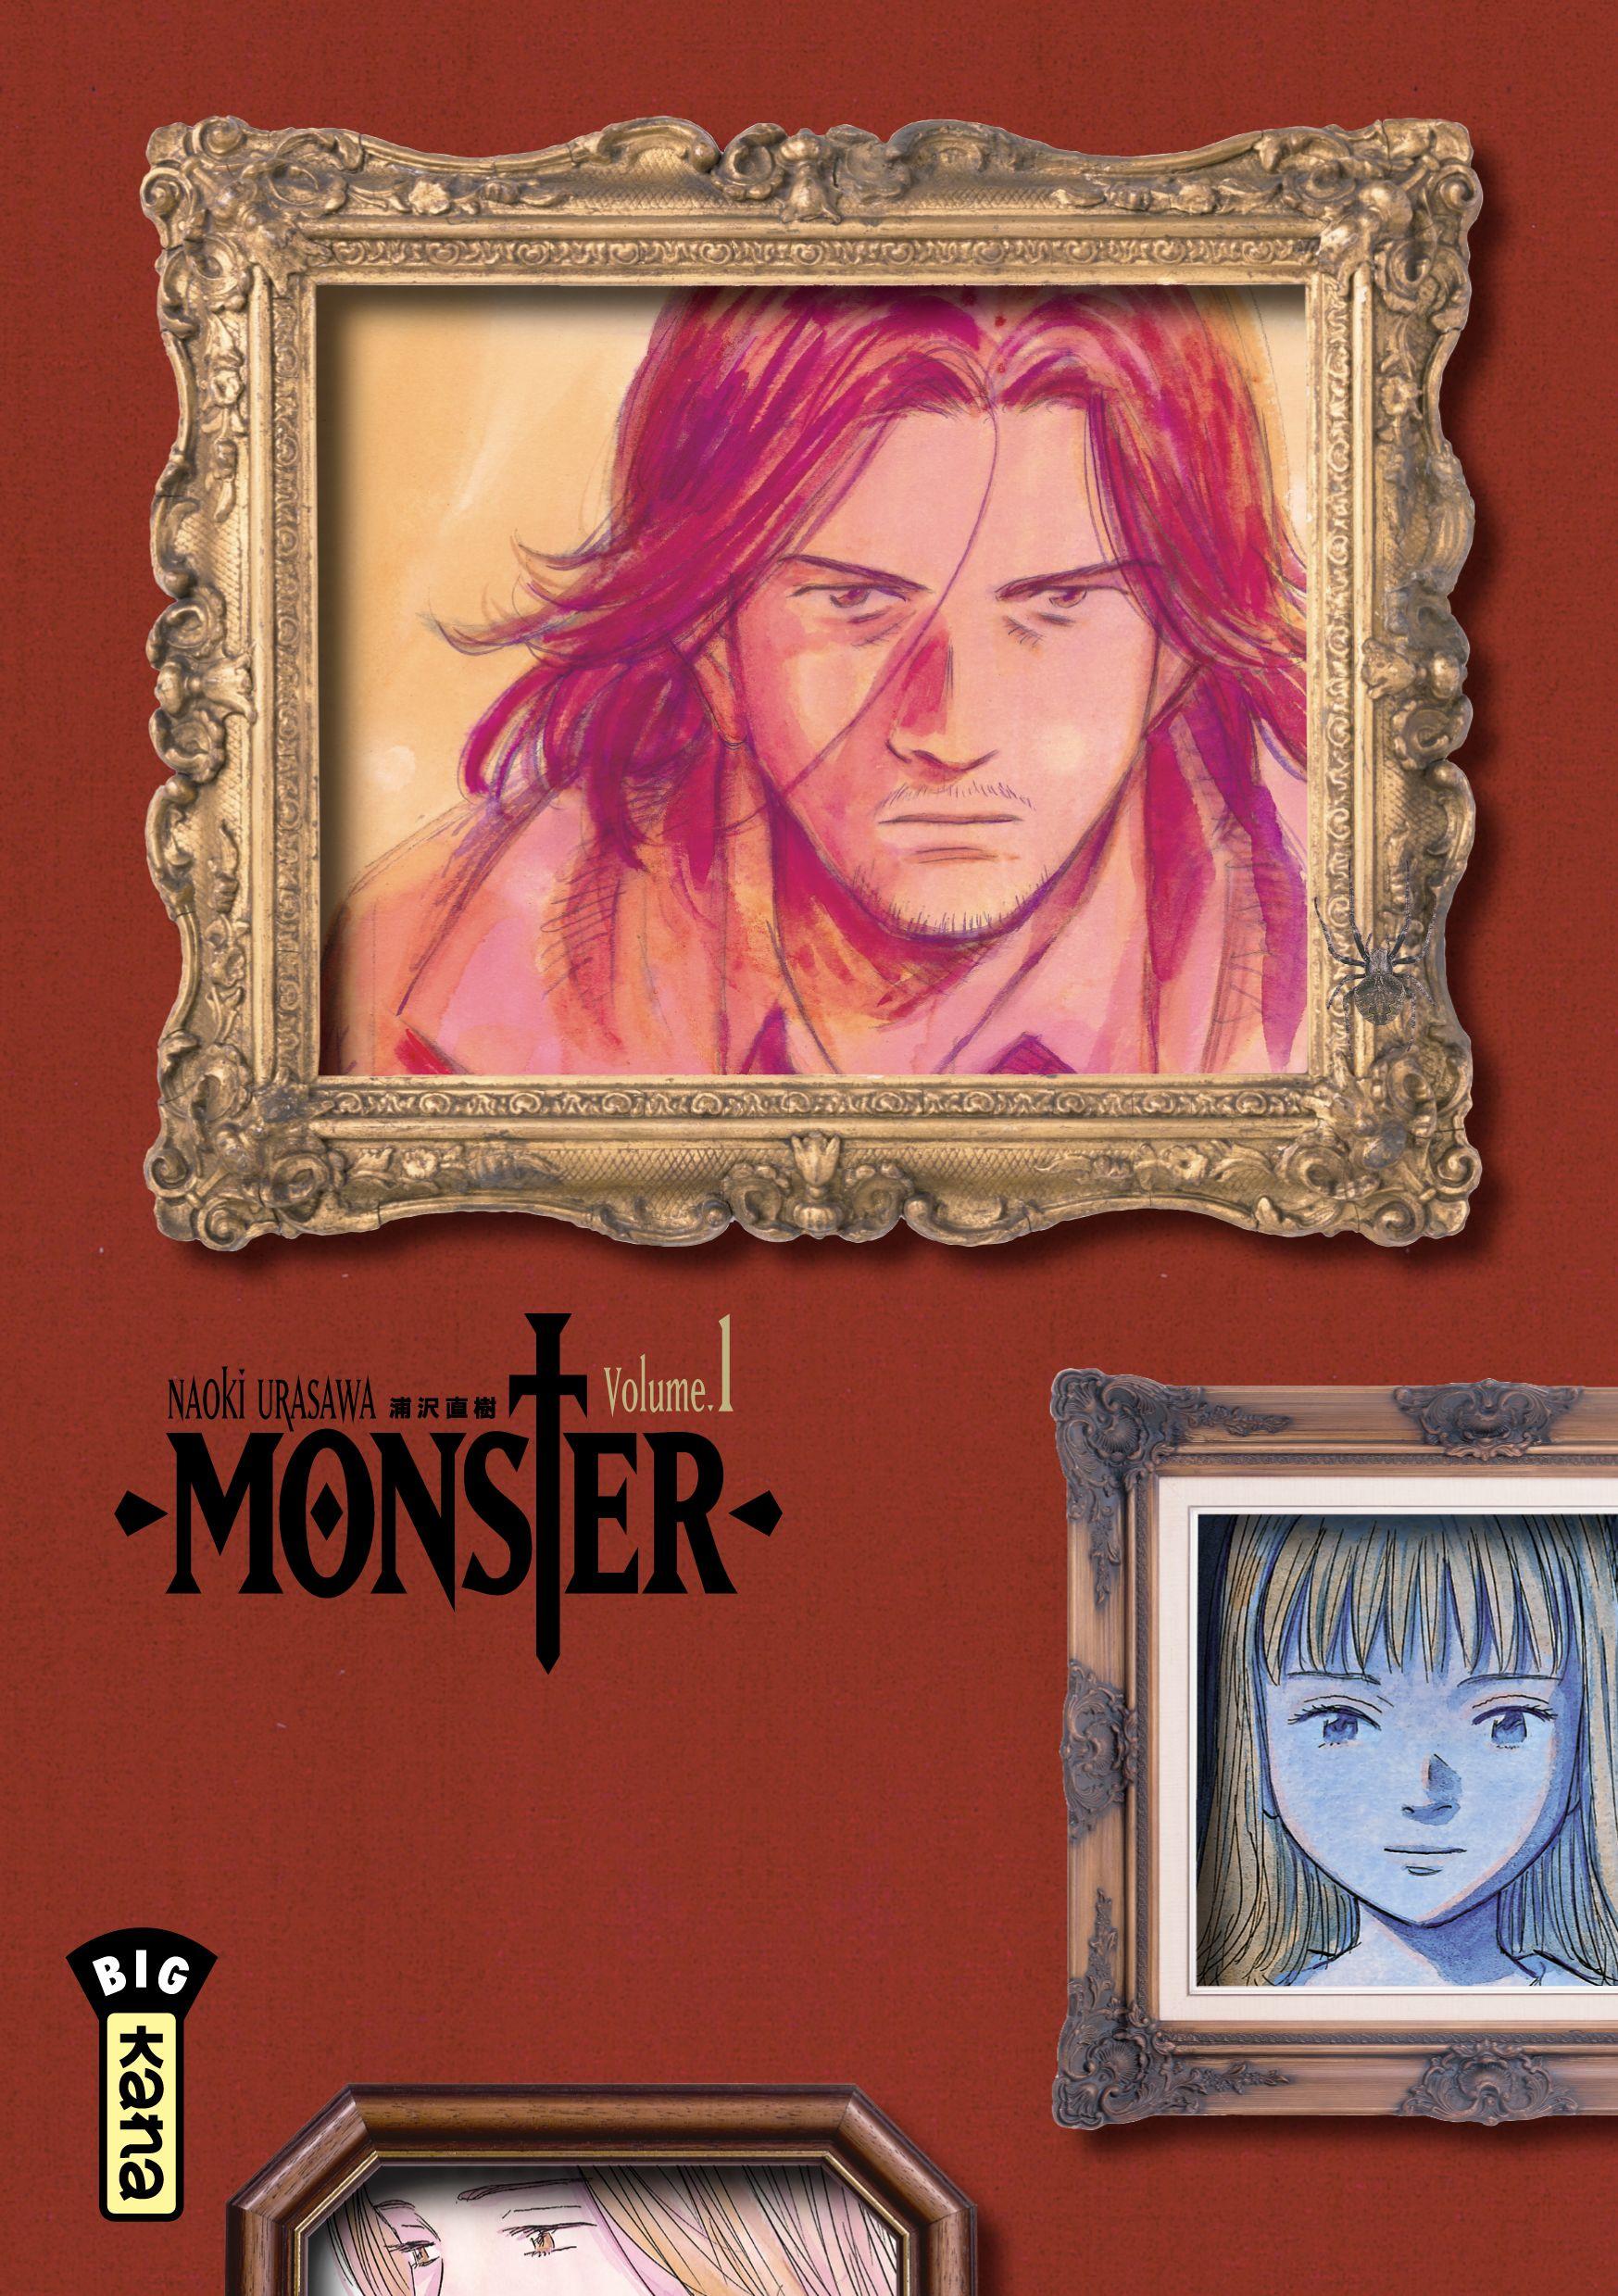 http://www.manga-news.com/public/images/series/monster-deluxe-1-kana.jpg